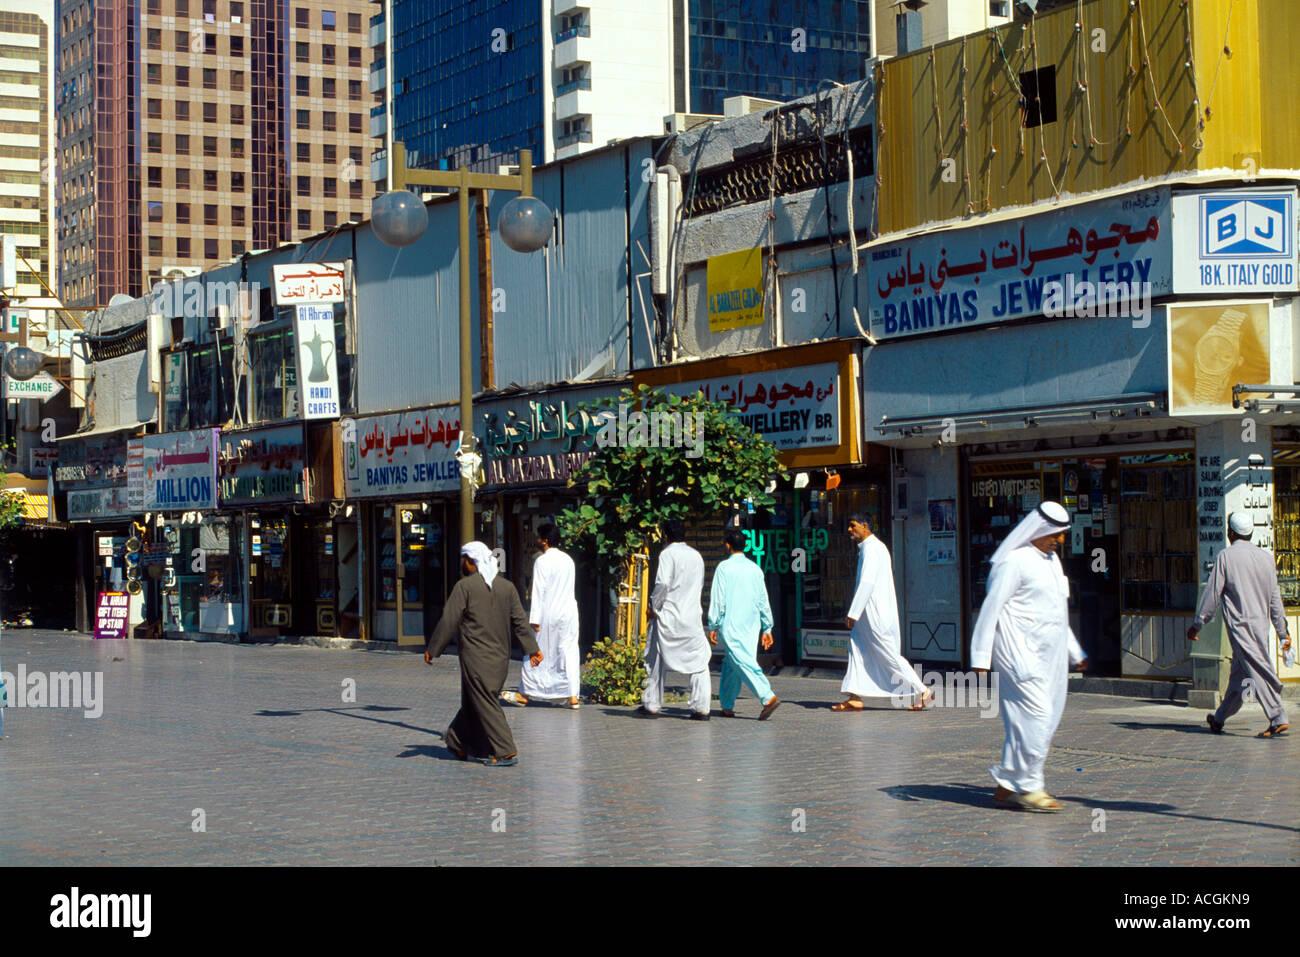 Abu Dhabi UAE Souk Stock Photo: 7515800 - Alamy